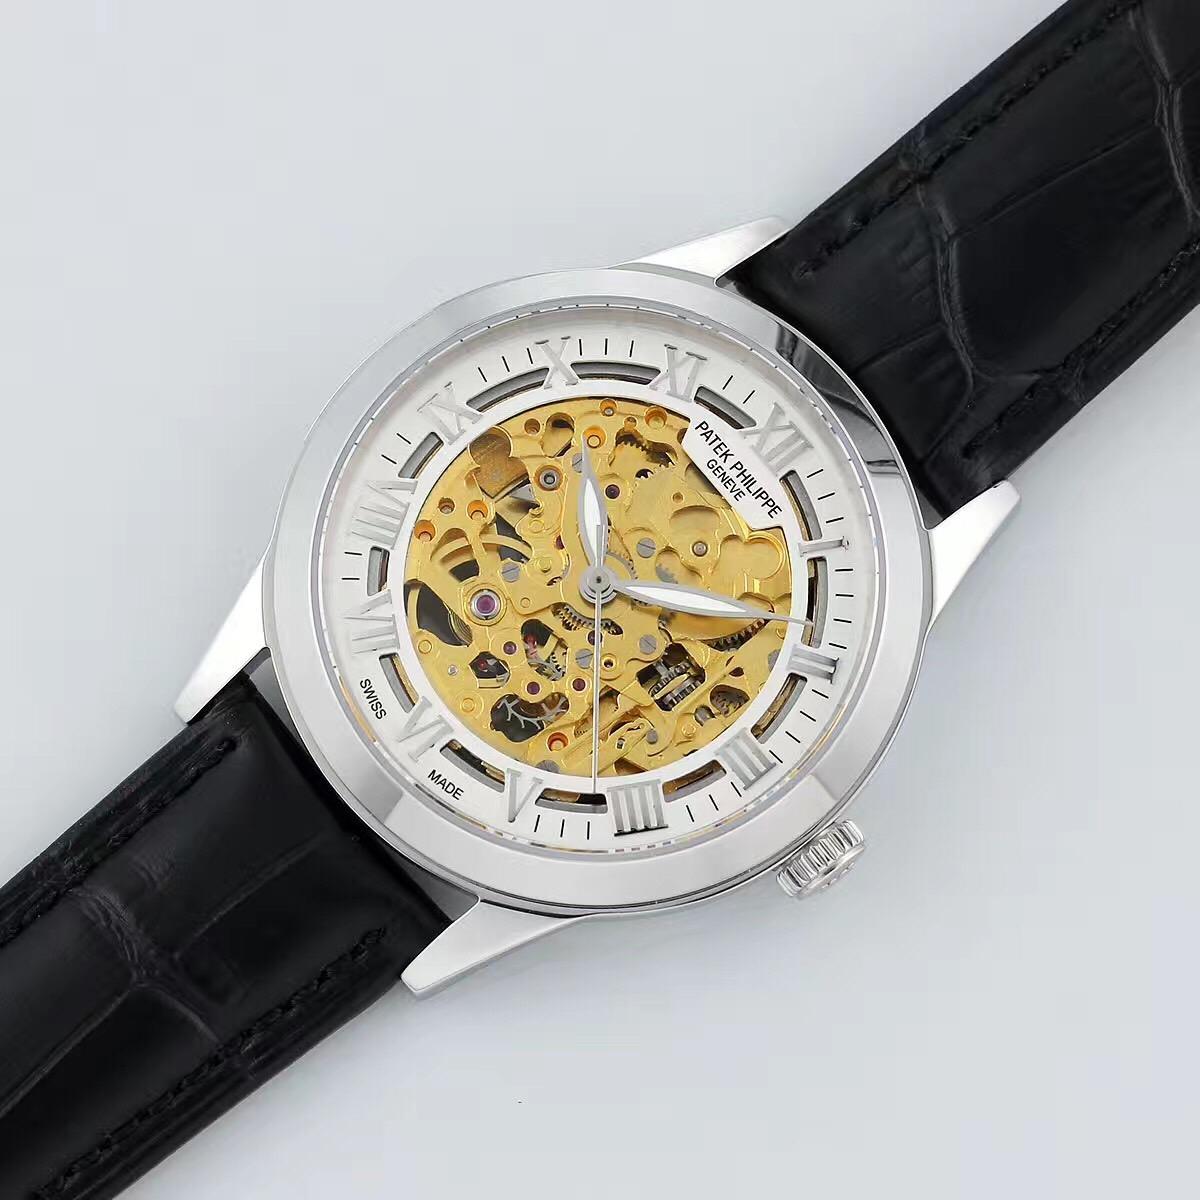 成熟男士需要拥有一款大气简约的百达菲丽机械腕表